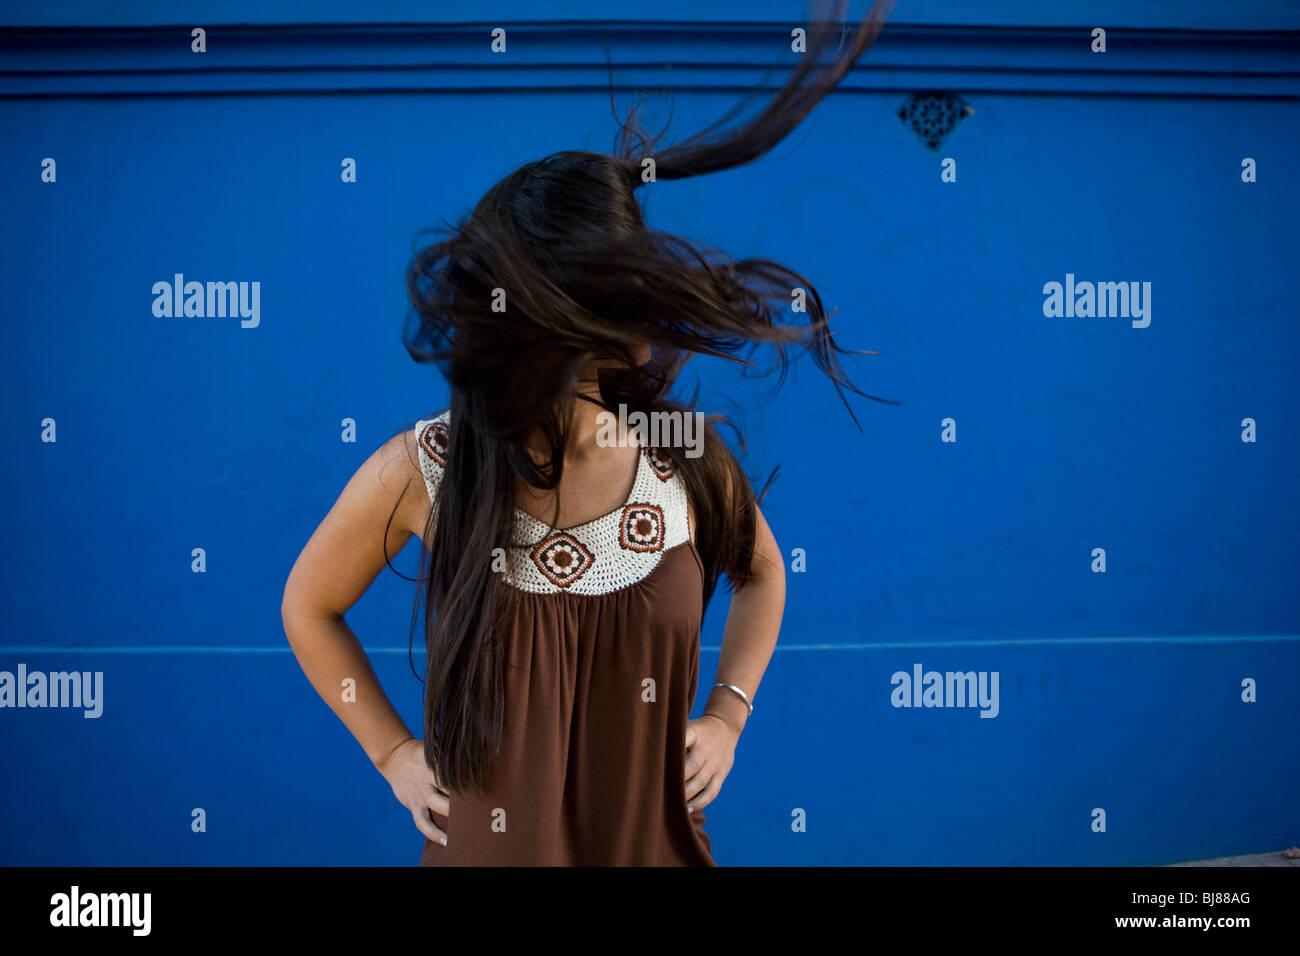 Mujer con Wild, largo y oscuro, recto, el pelo suelto en el viento Imagen De Stock